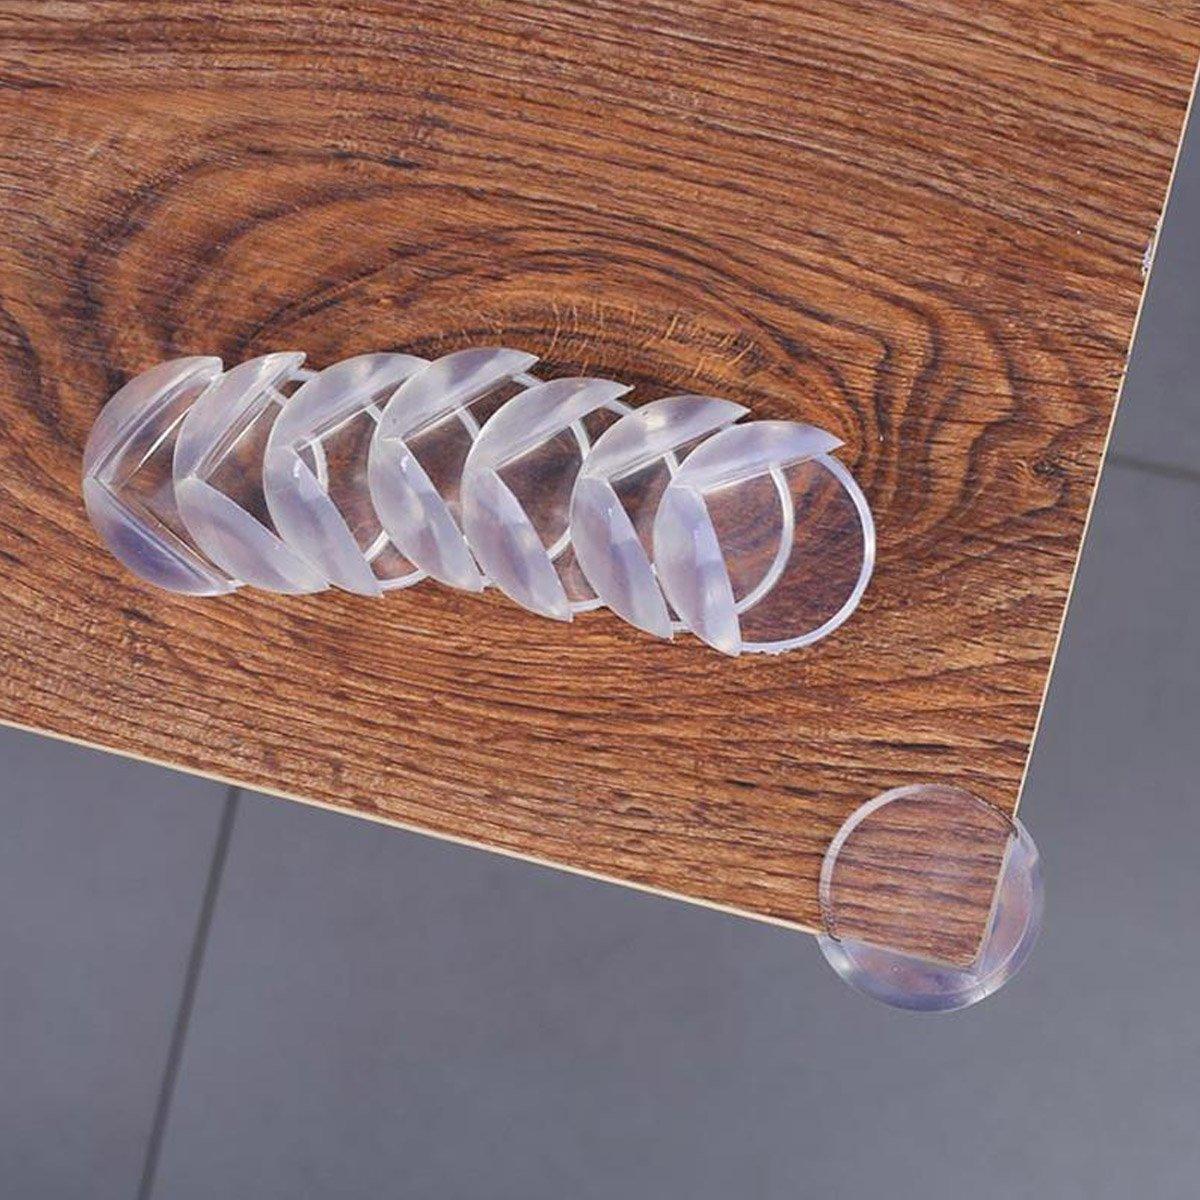 Schwarz Klare Weiche Weltkarte Gemalte Abdeckung Flexible TPU Silikonkautschuk Sto/ßfest Schutzh/ülle Weiche Klarsichth/ülle Tasche Silber ToneSun H/ülle f/ür Huawei P20 Lite Gold